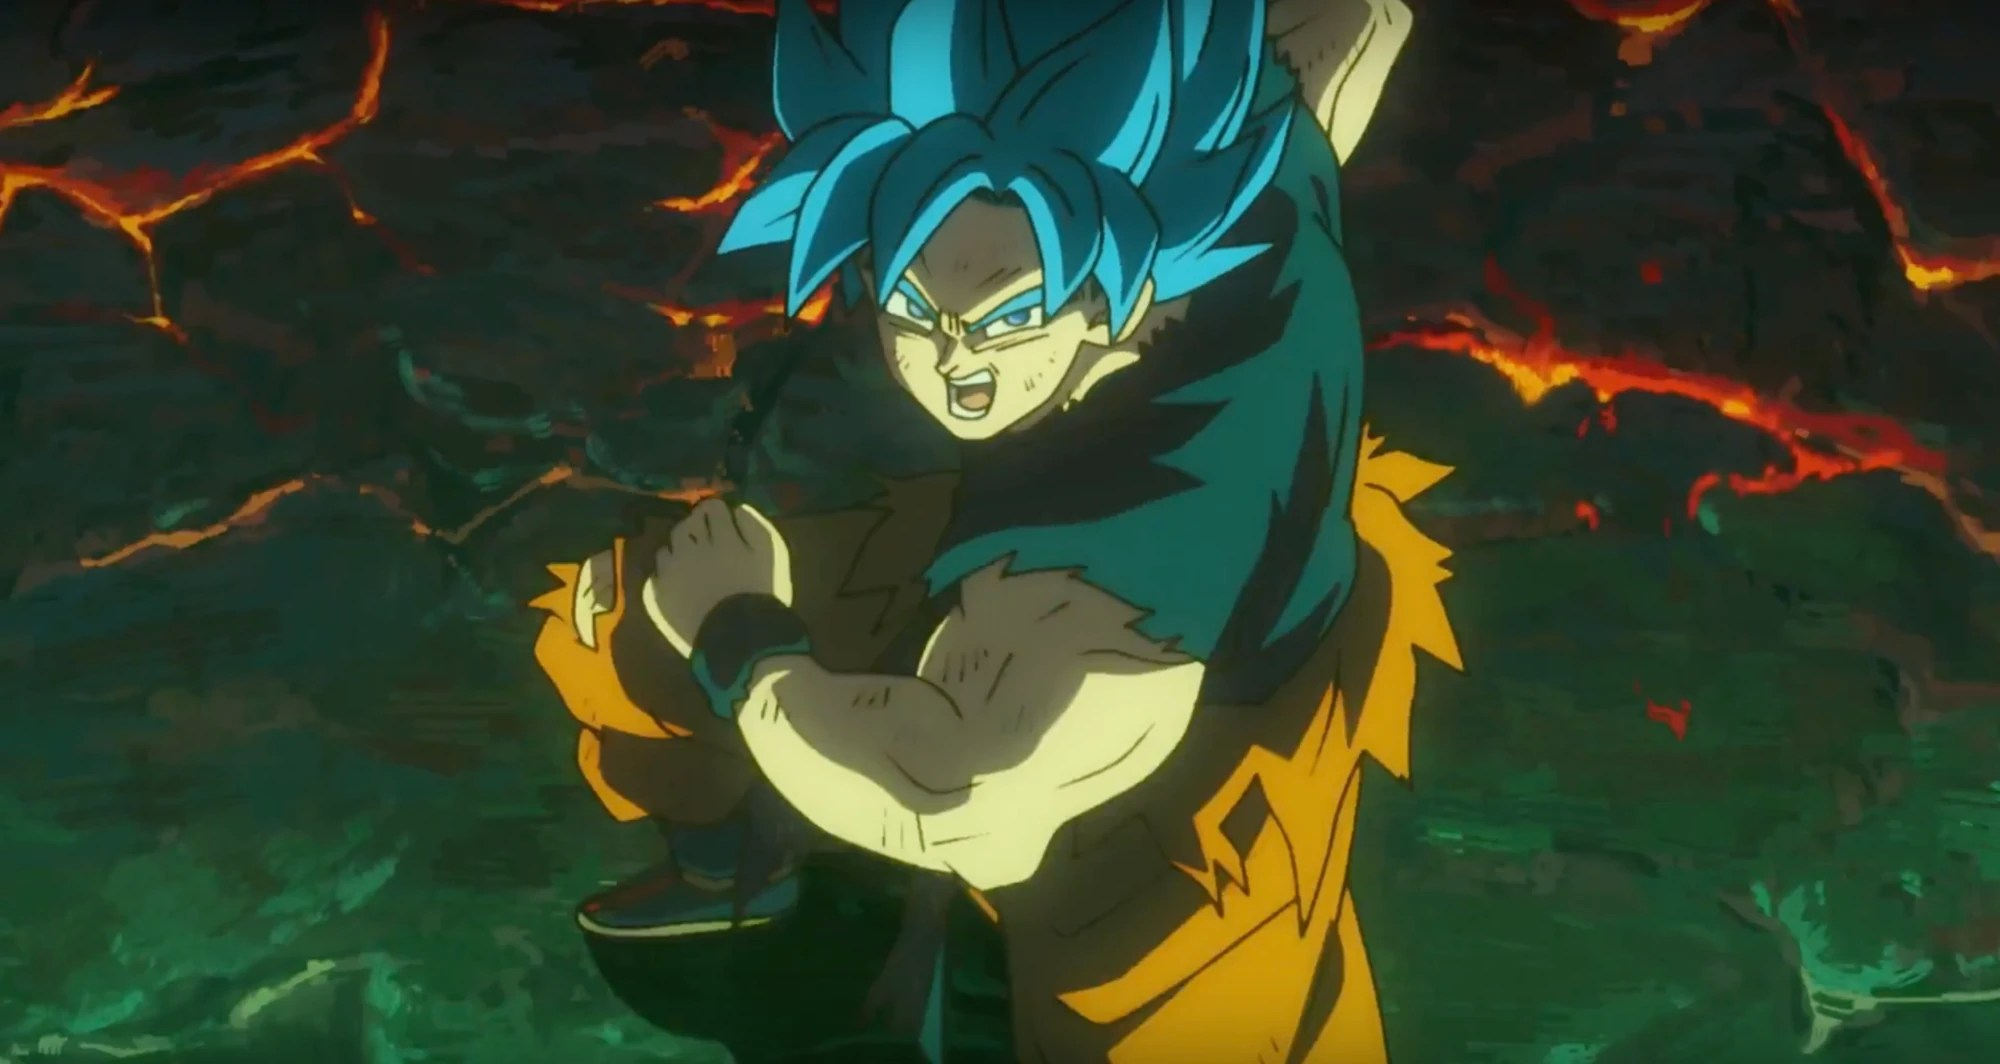 Heroes Saiyan Dragon Ball Super 2 Bardock